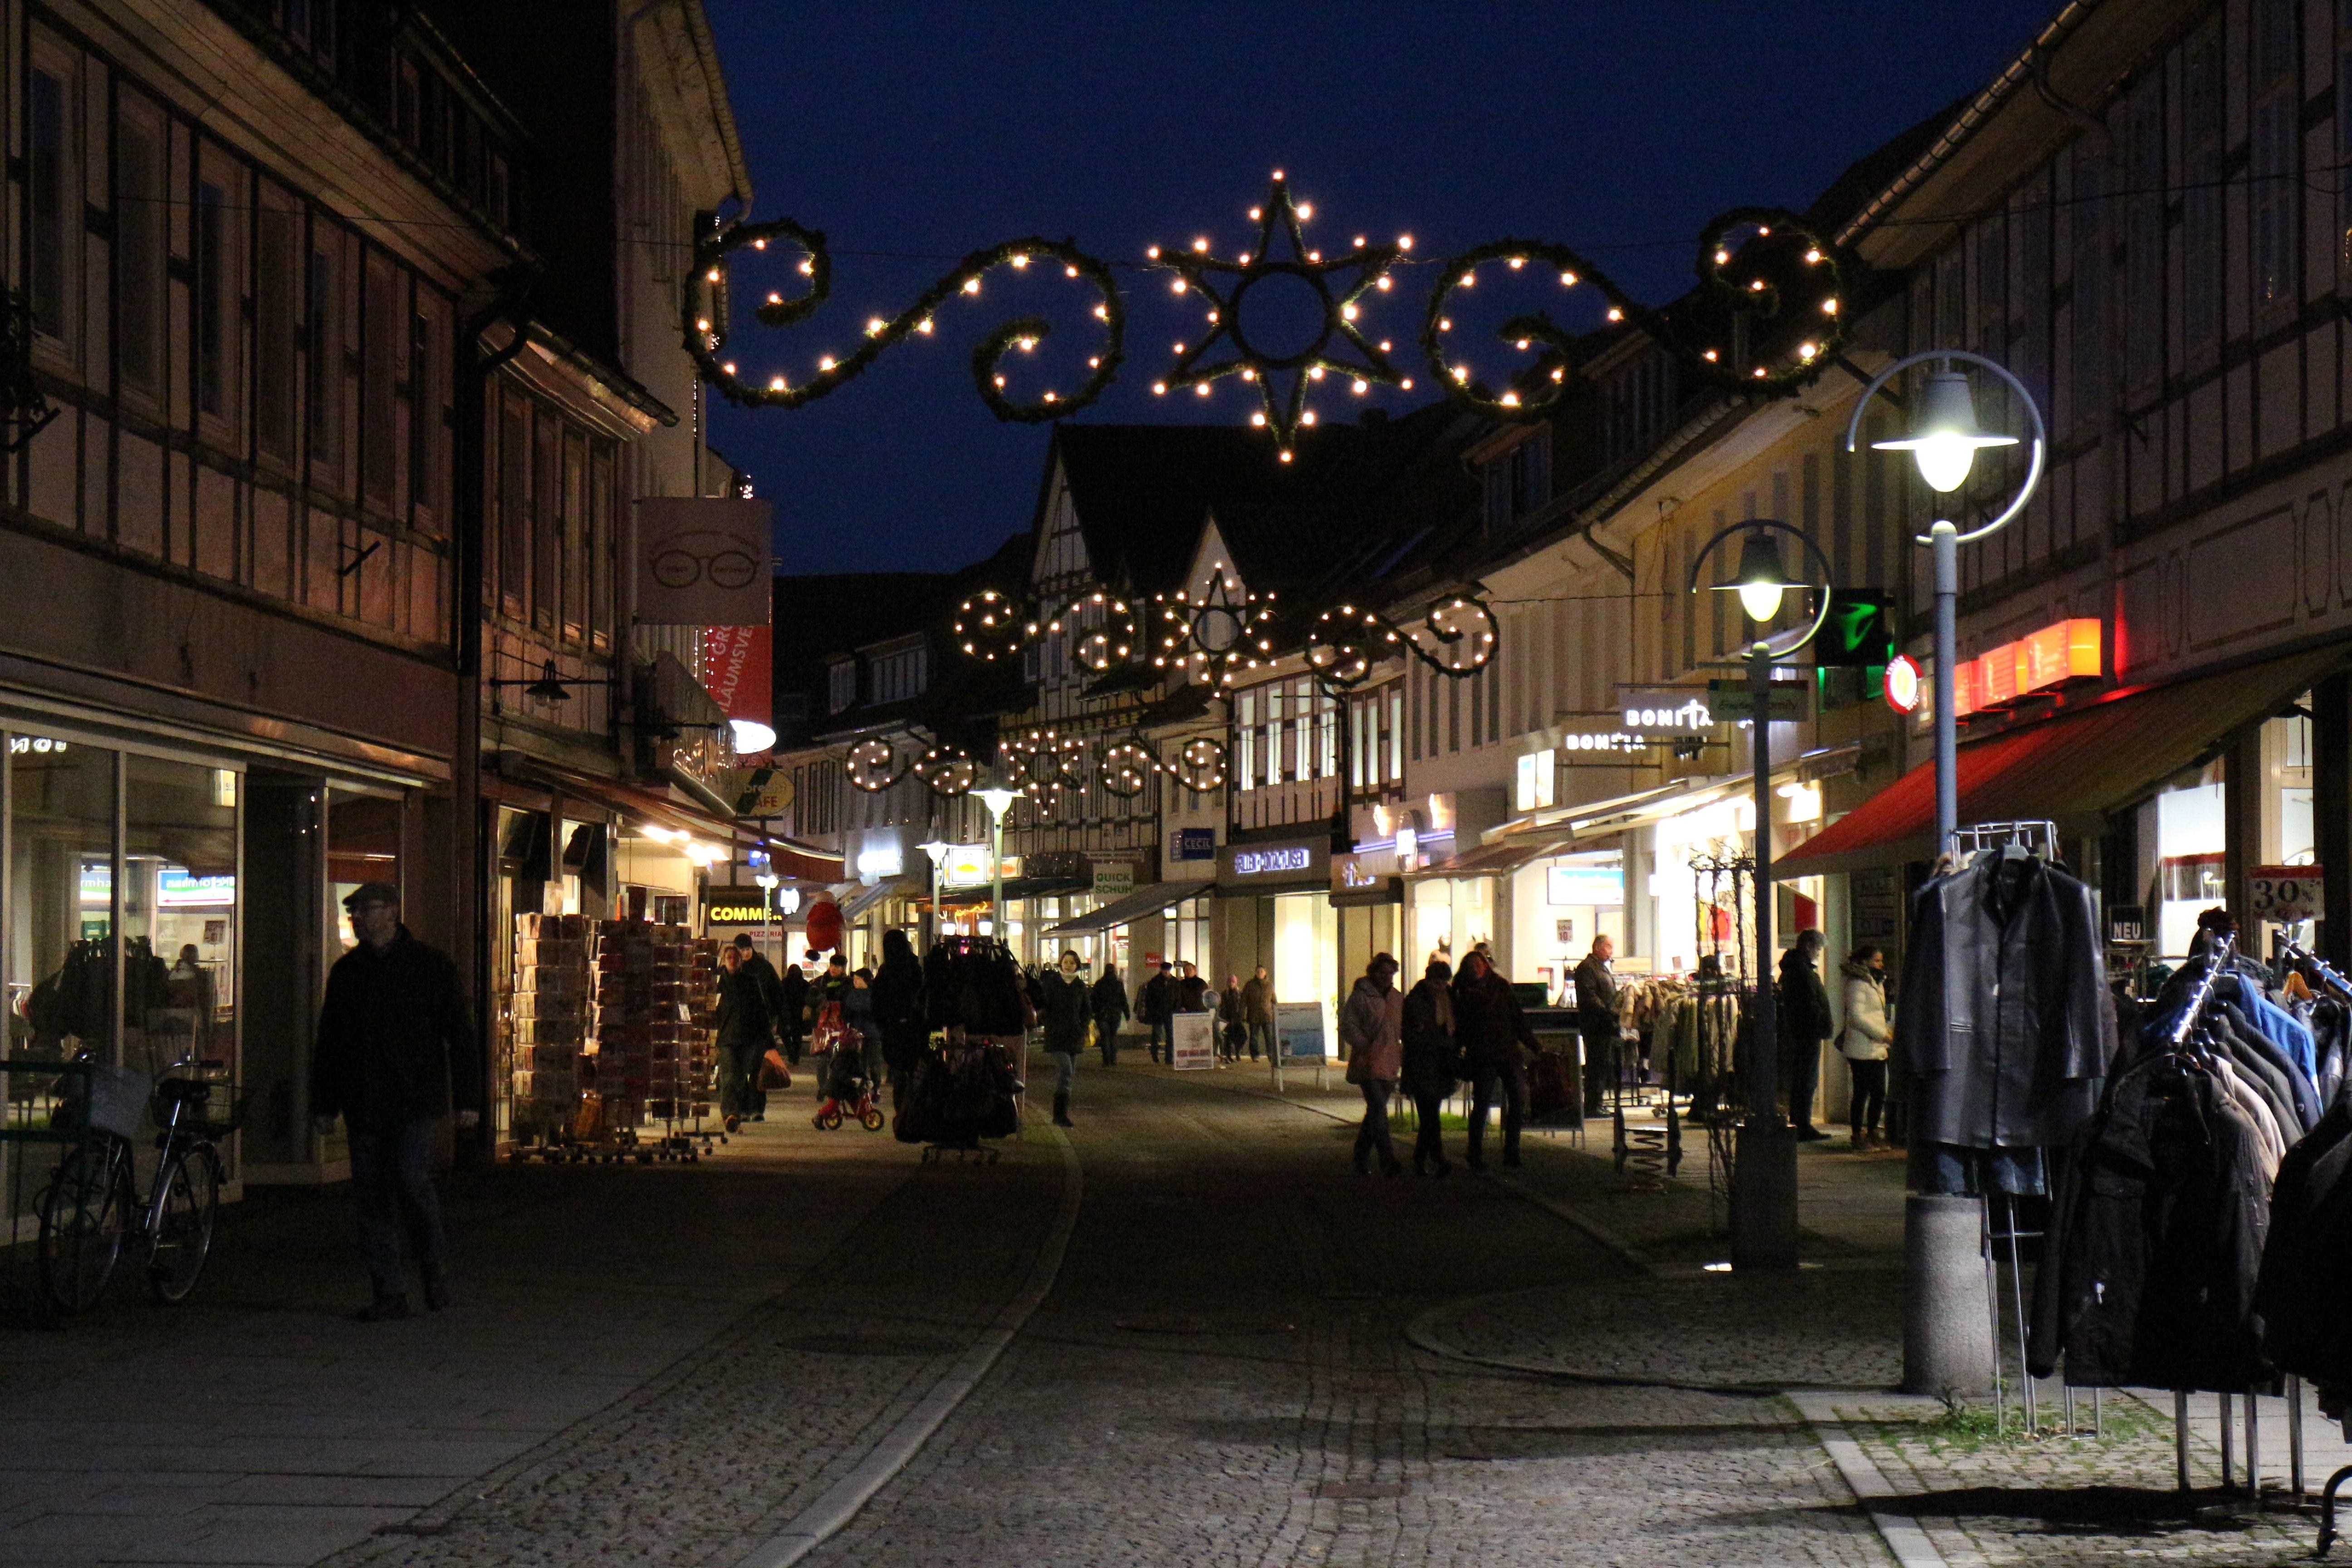 Ab Wann Weihnachtsbeleuchtung.Weihnachtsbeleuchtung Alt Alfeld De